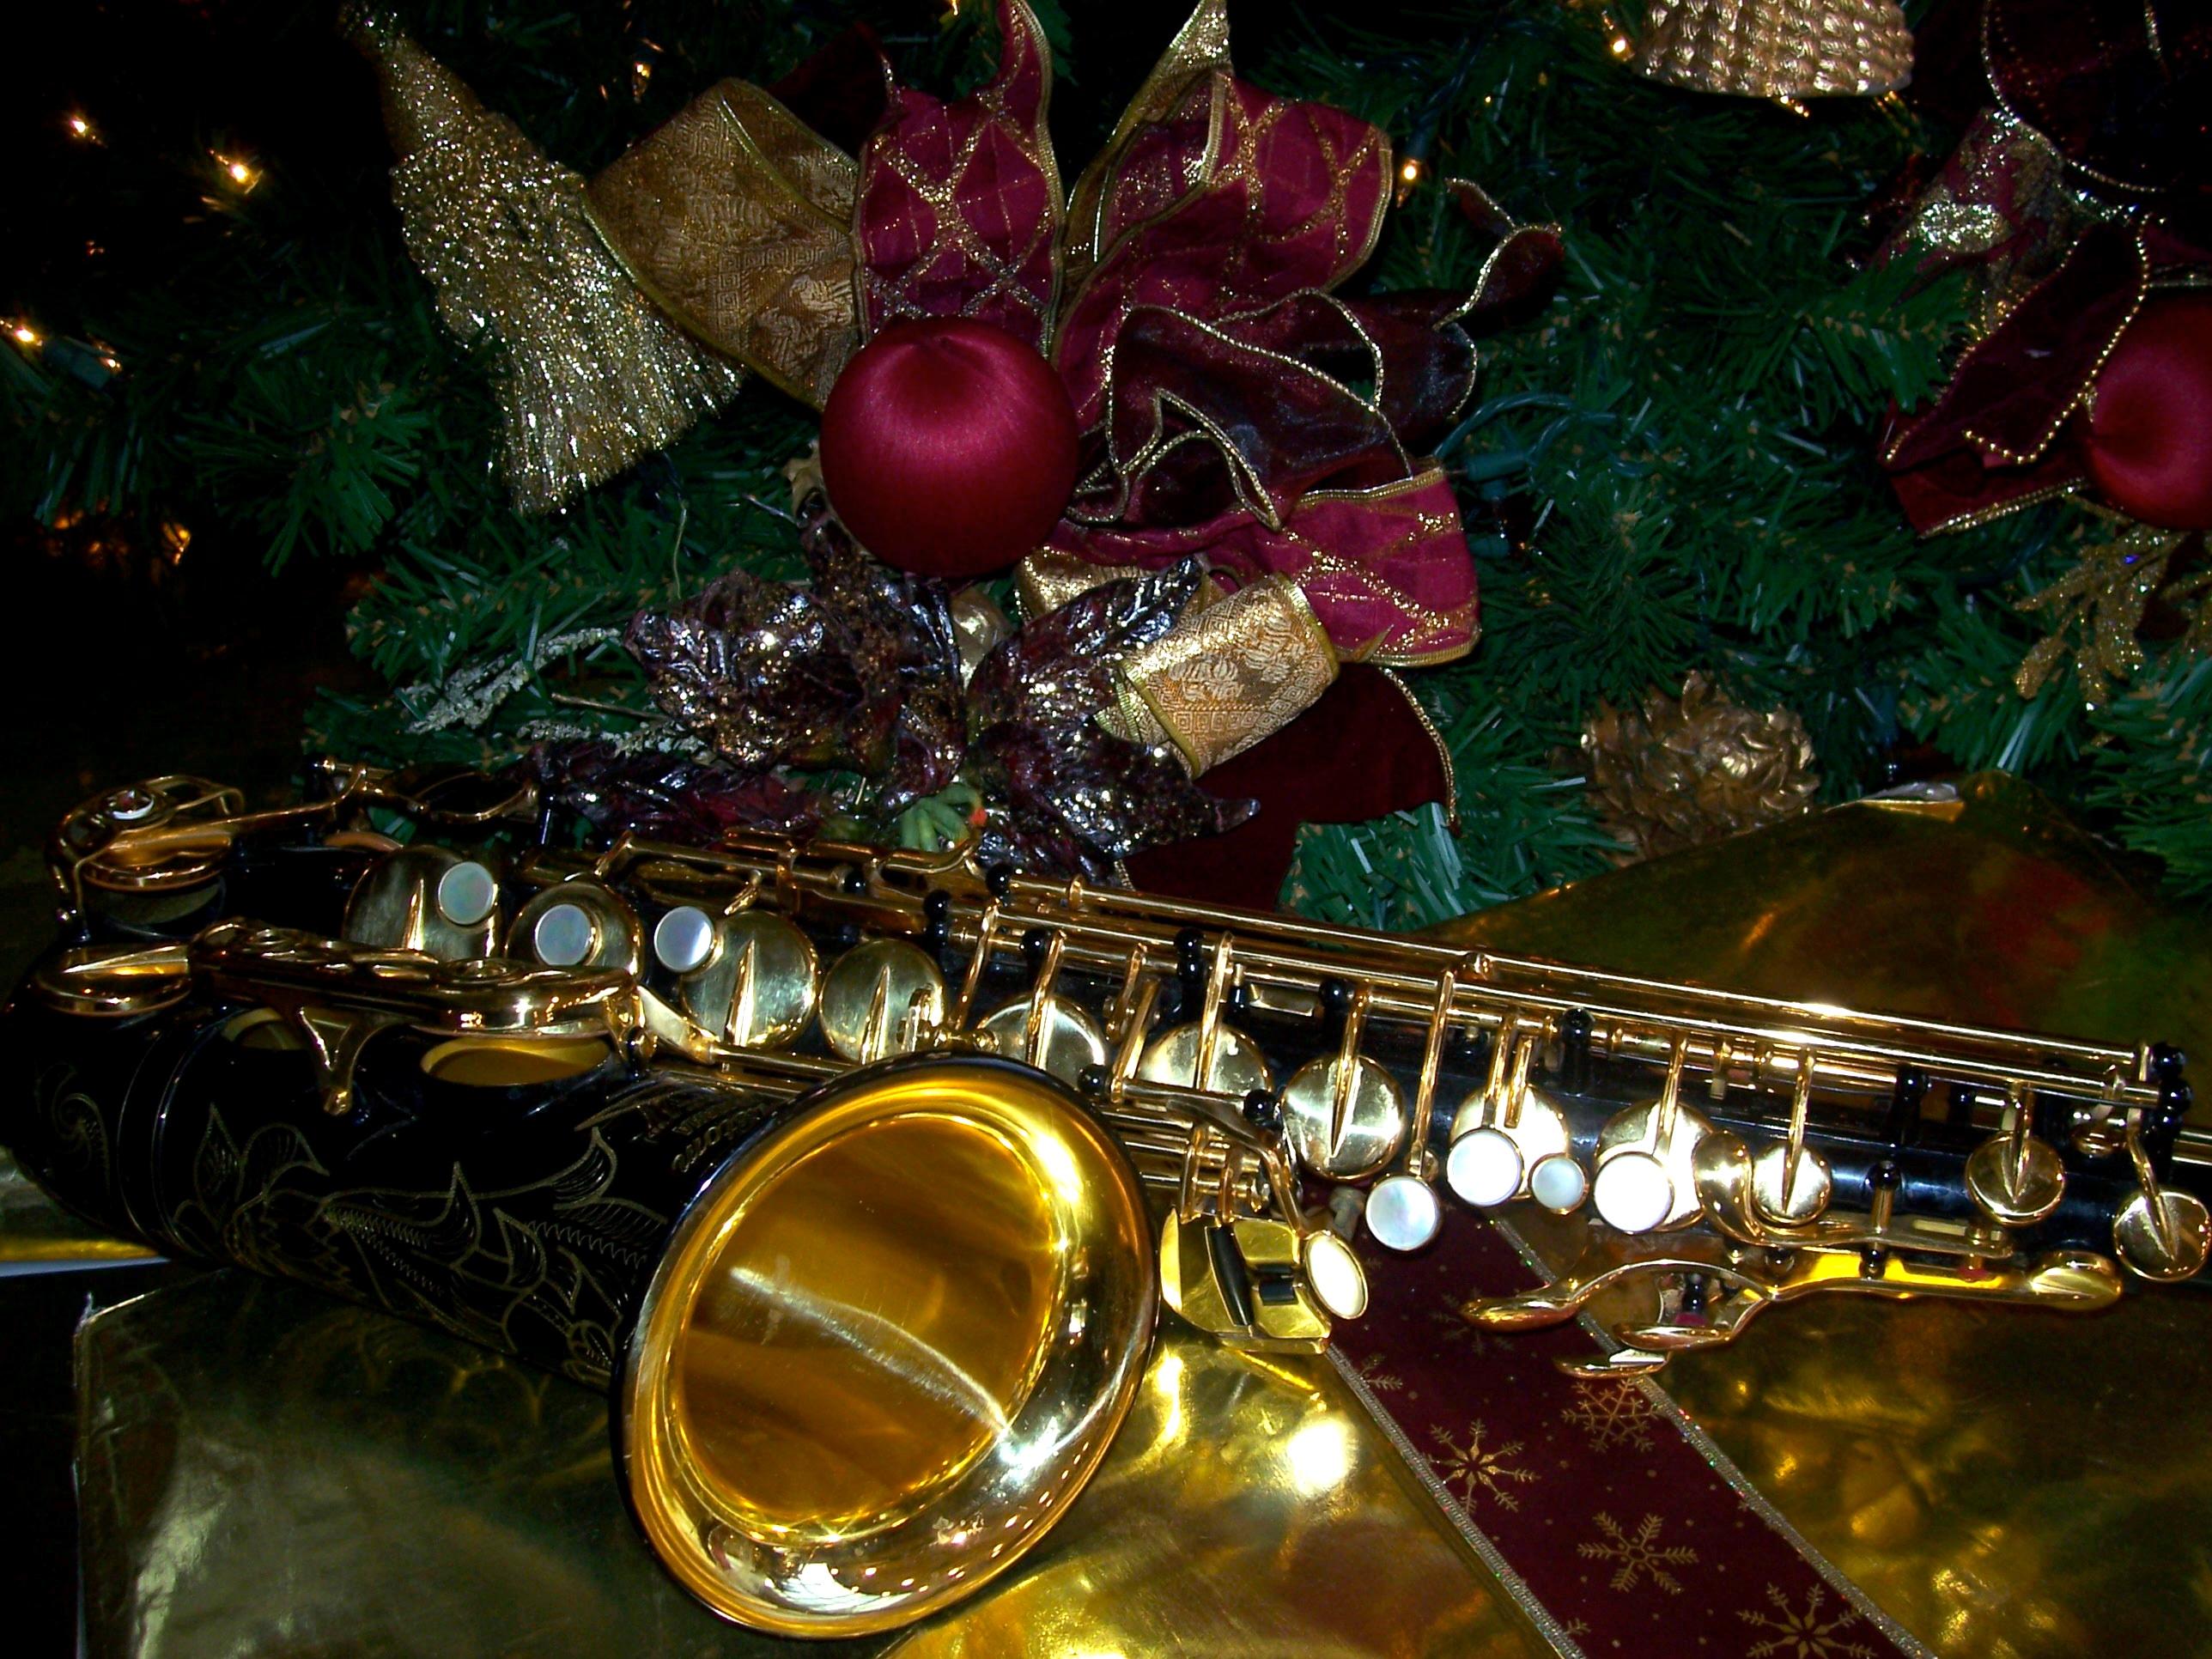 Ворде, картинка музыкальная с новым годом